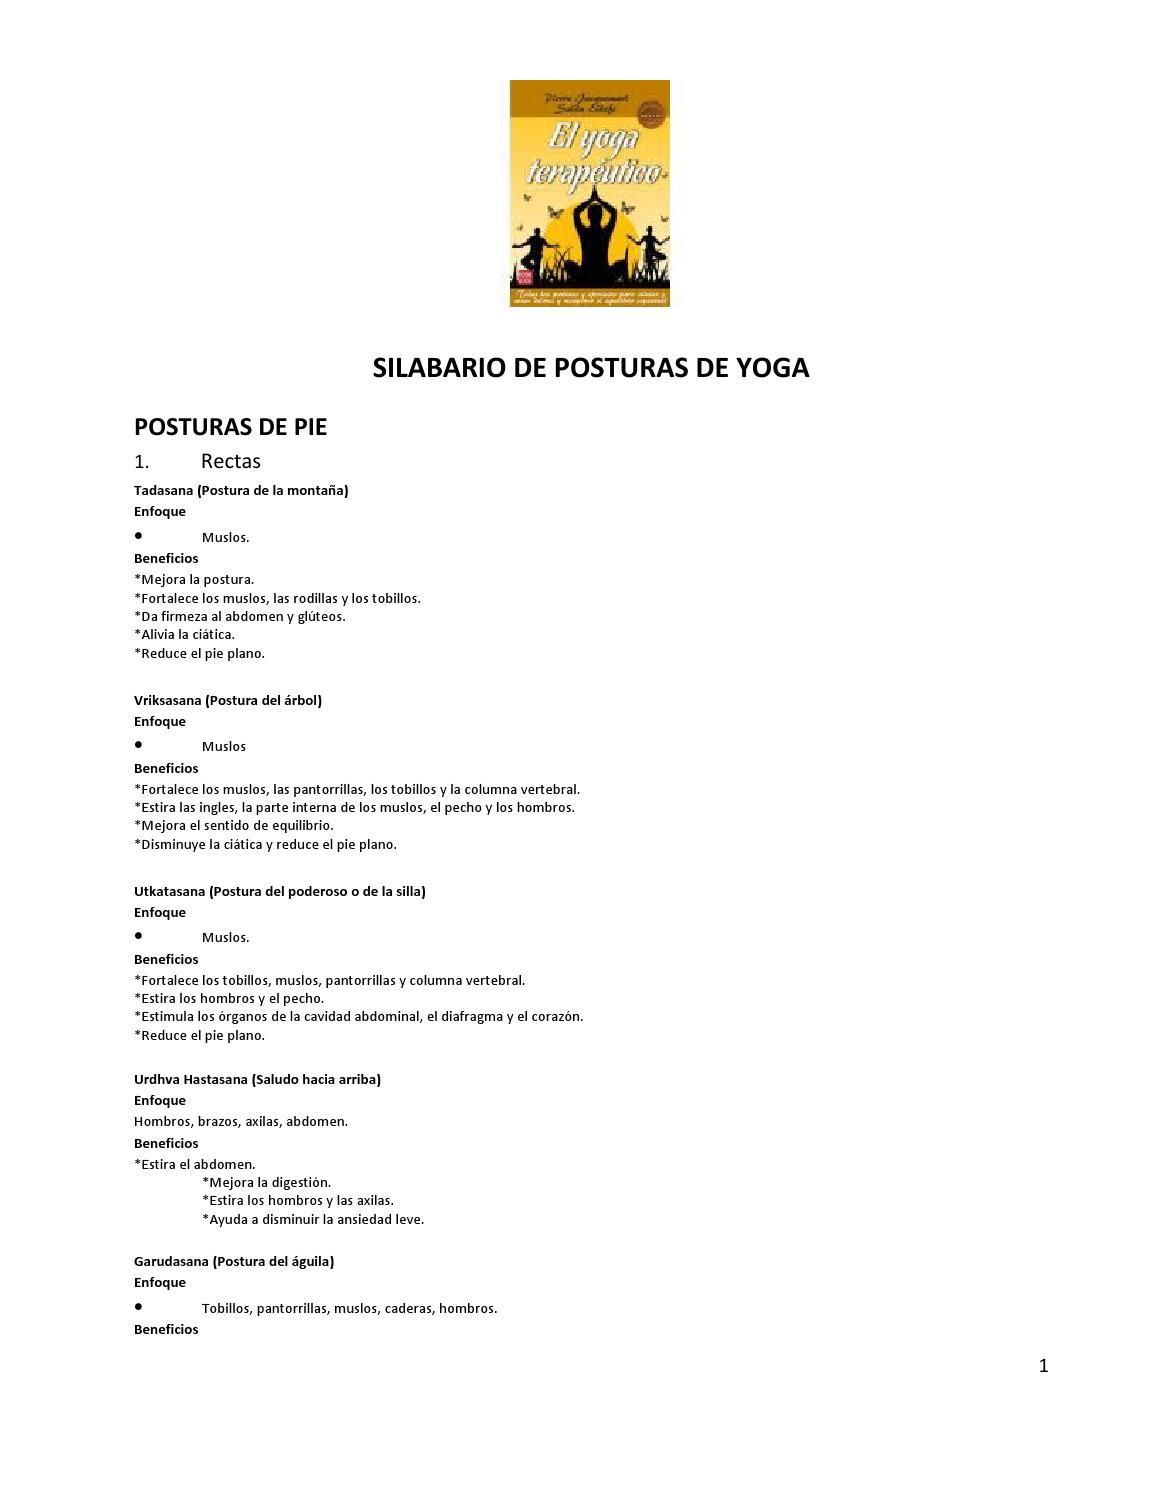 Silabario de yoga by orosa   issuu